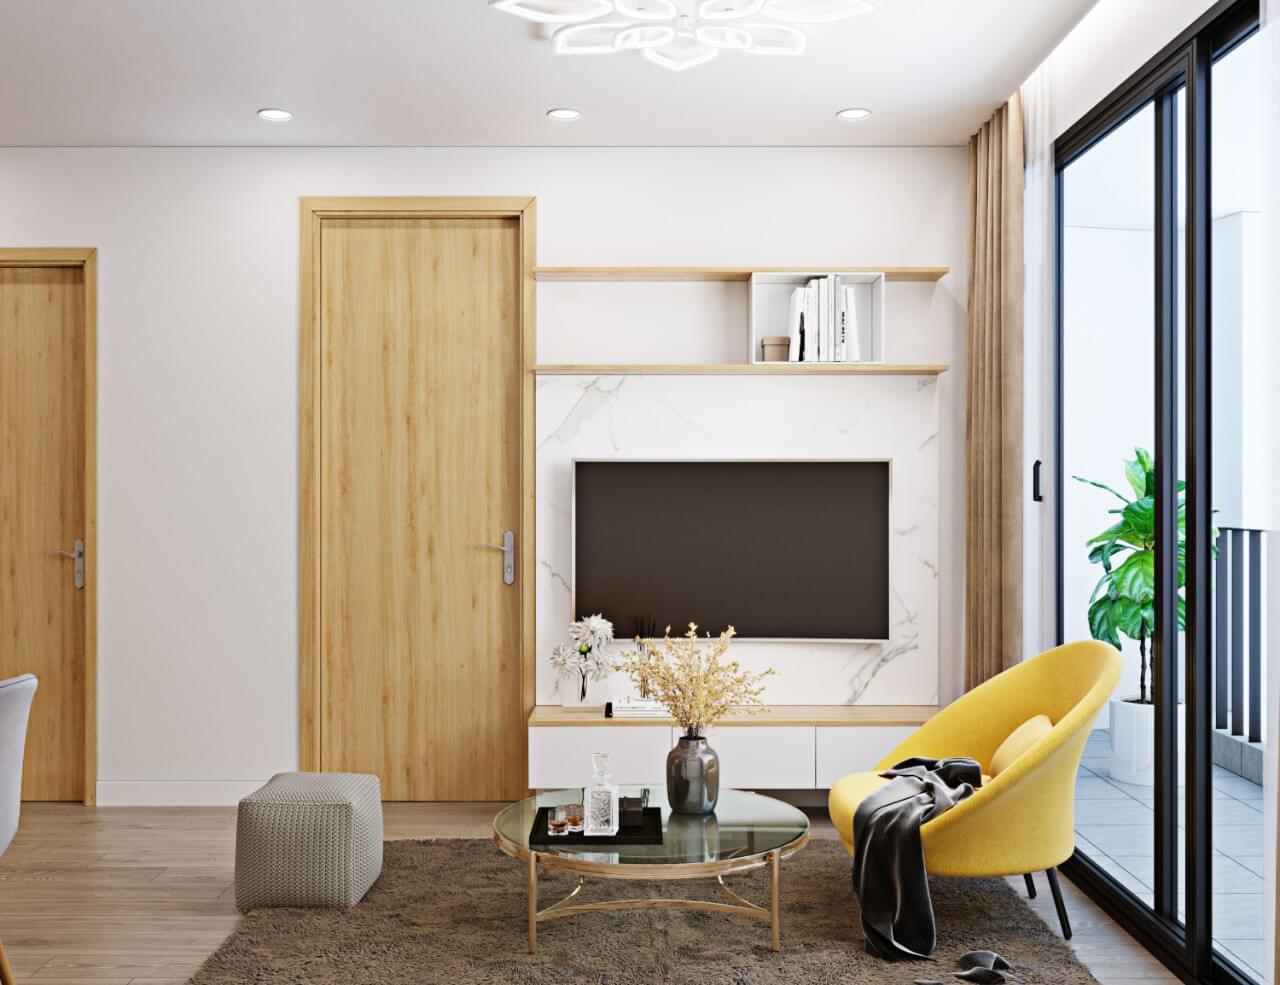 Thiết kế chung cư mini với phòng ngủ thông ngay với phòng khách 1